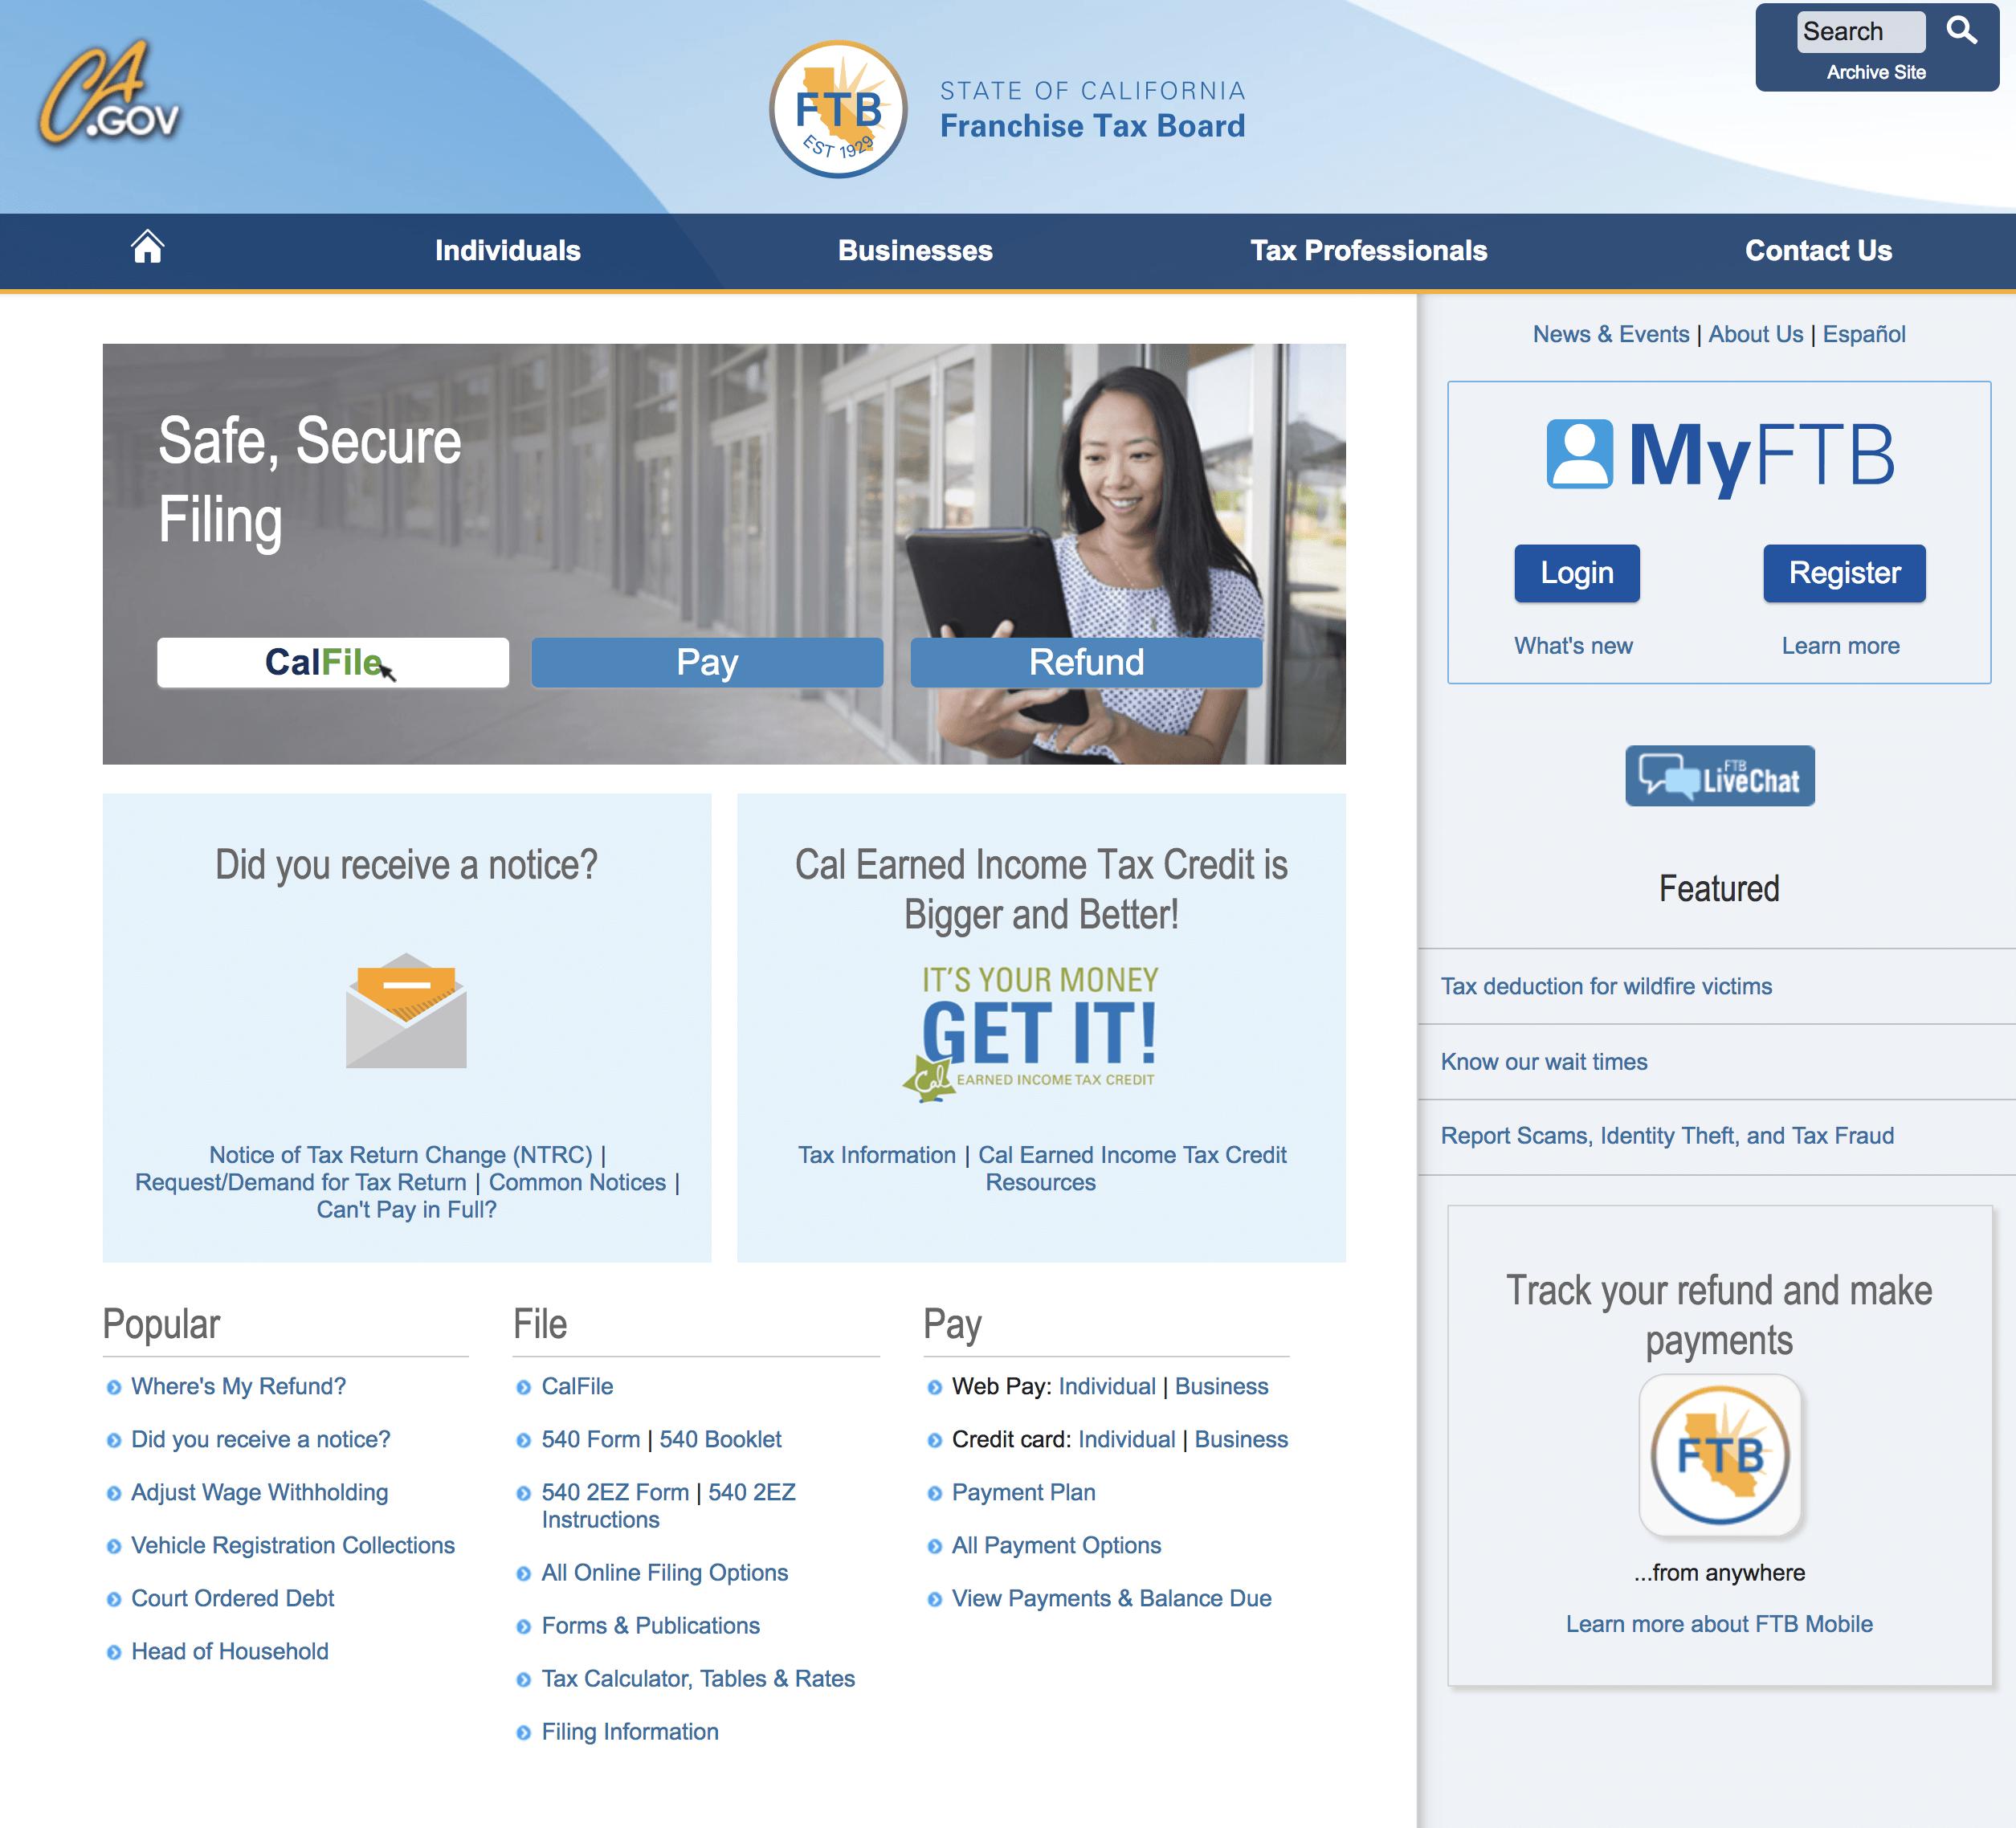 Государственный сайт, где можно посчитать, сколько вы должны уплатить налога и какой можете получить налоговый вычет